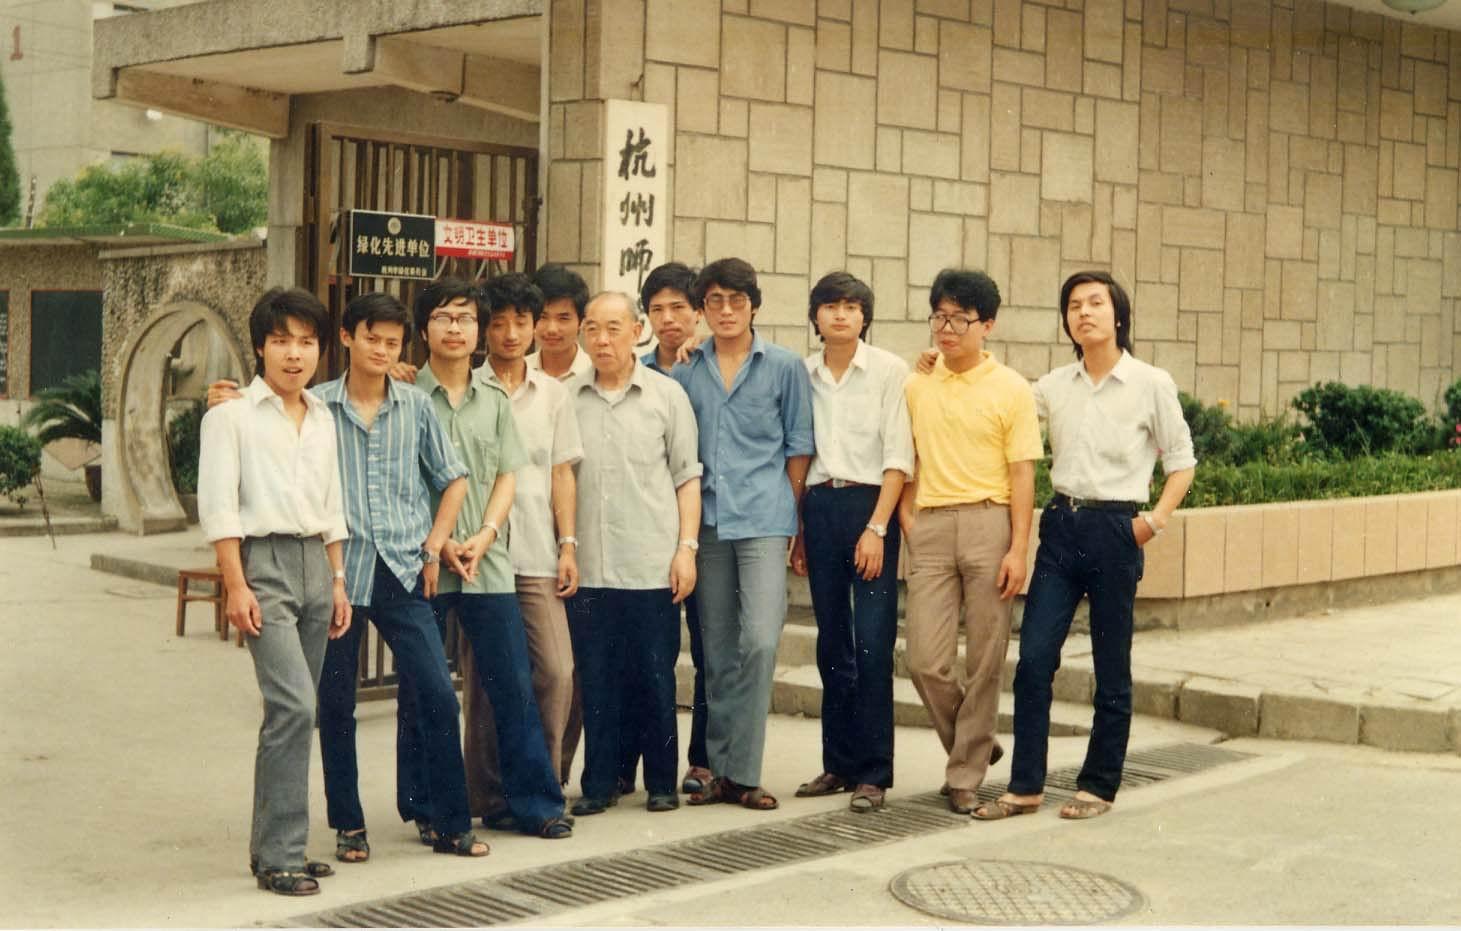 图片2  1987年夏,马云(左二)与外语系李增荣教授(左六)及同学在文一路校区门口合影